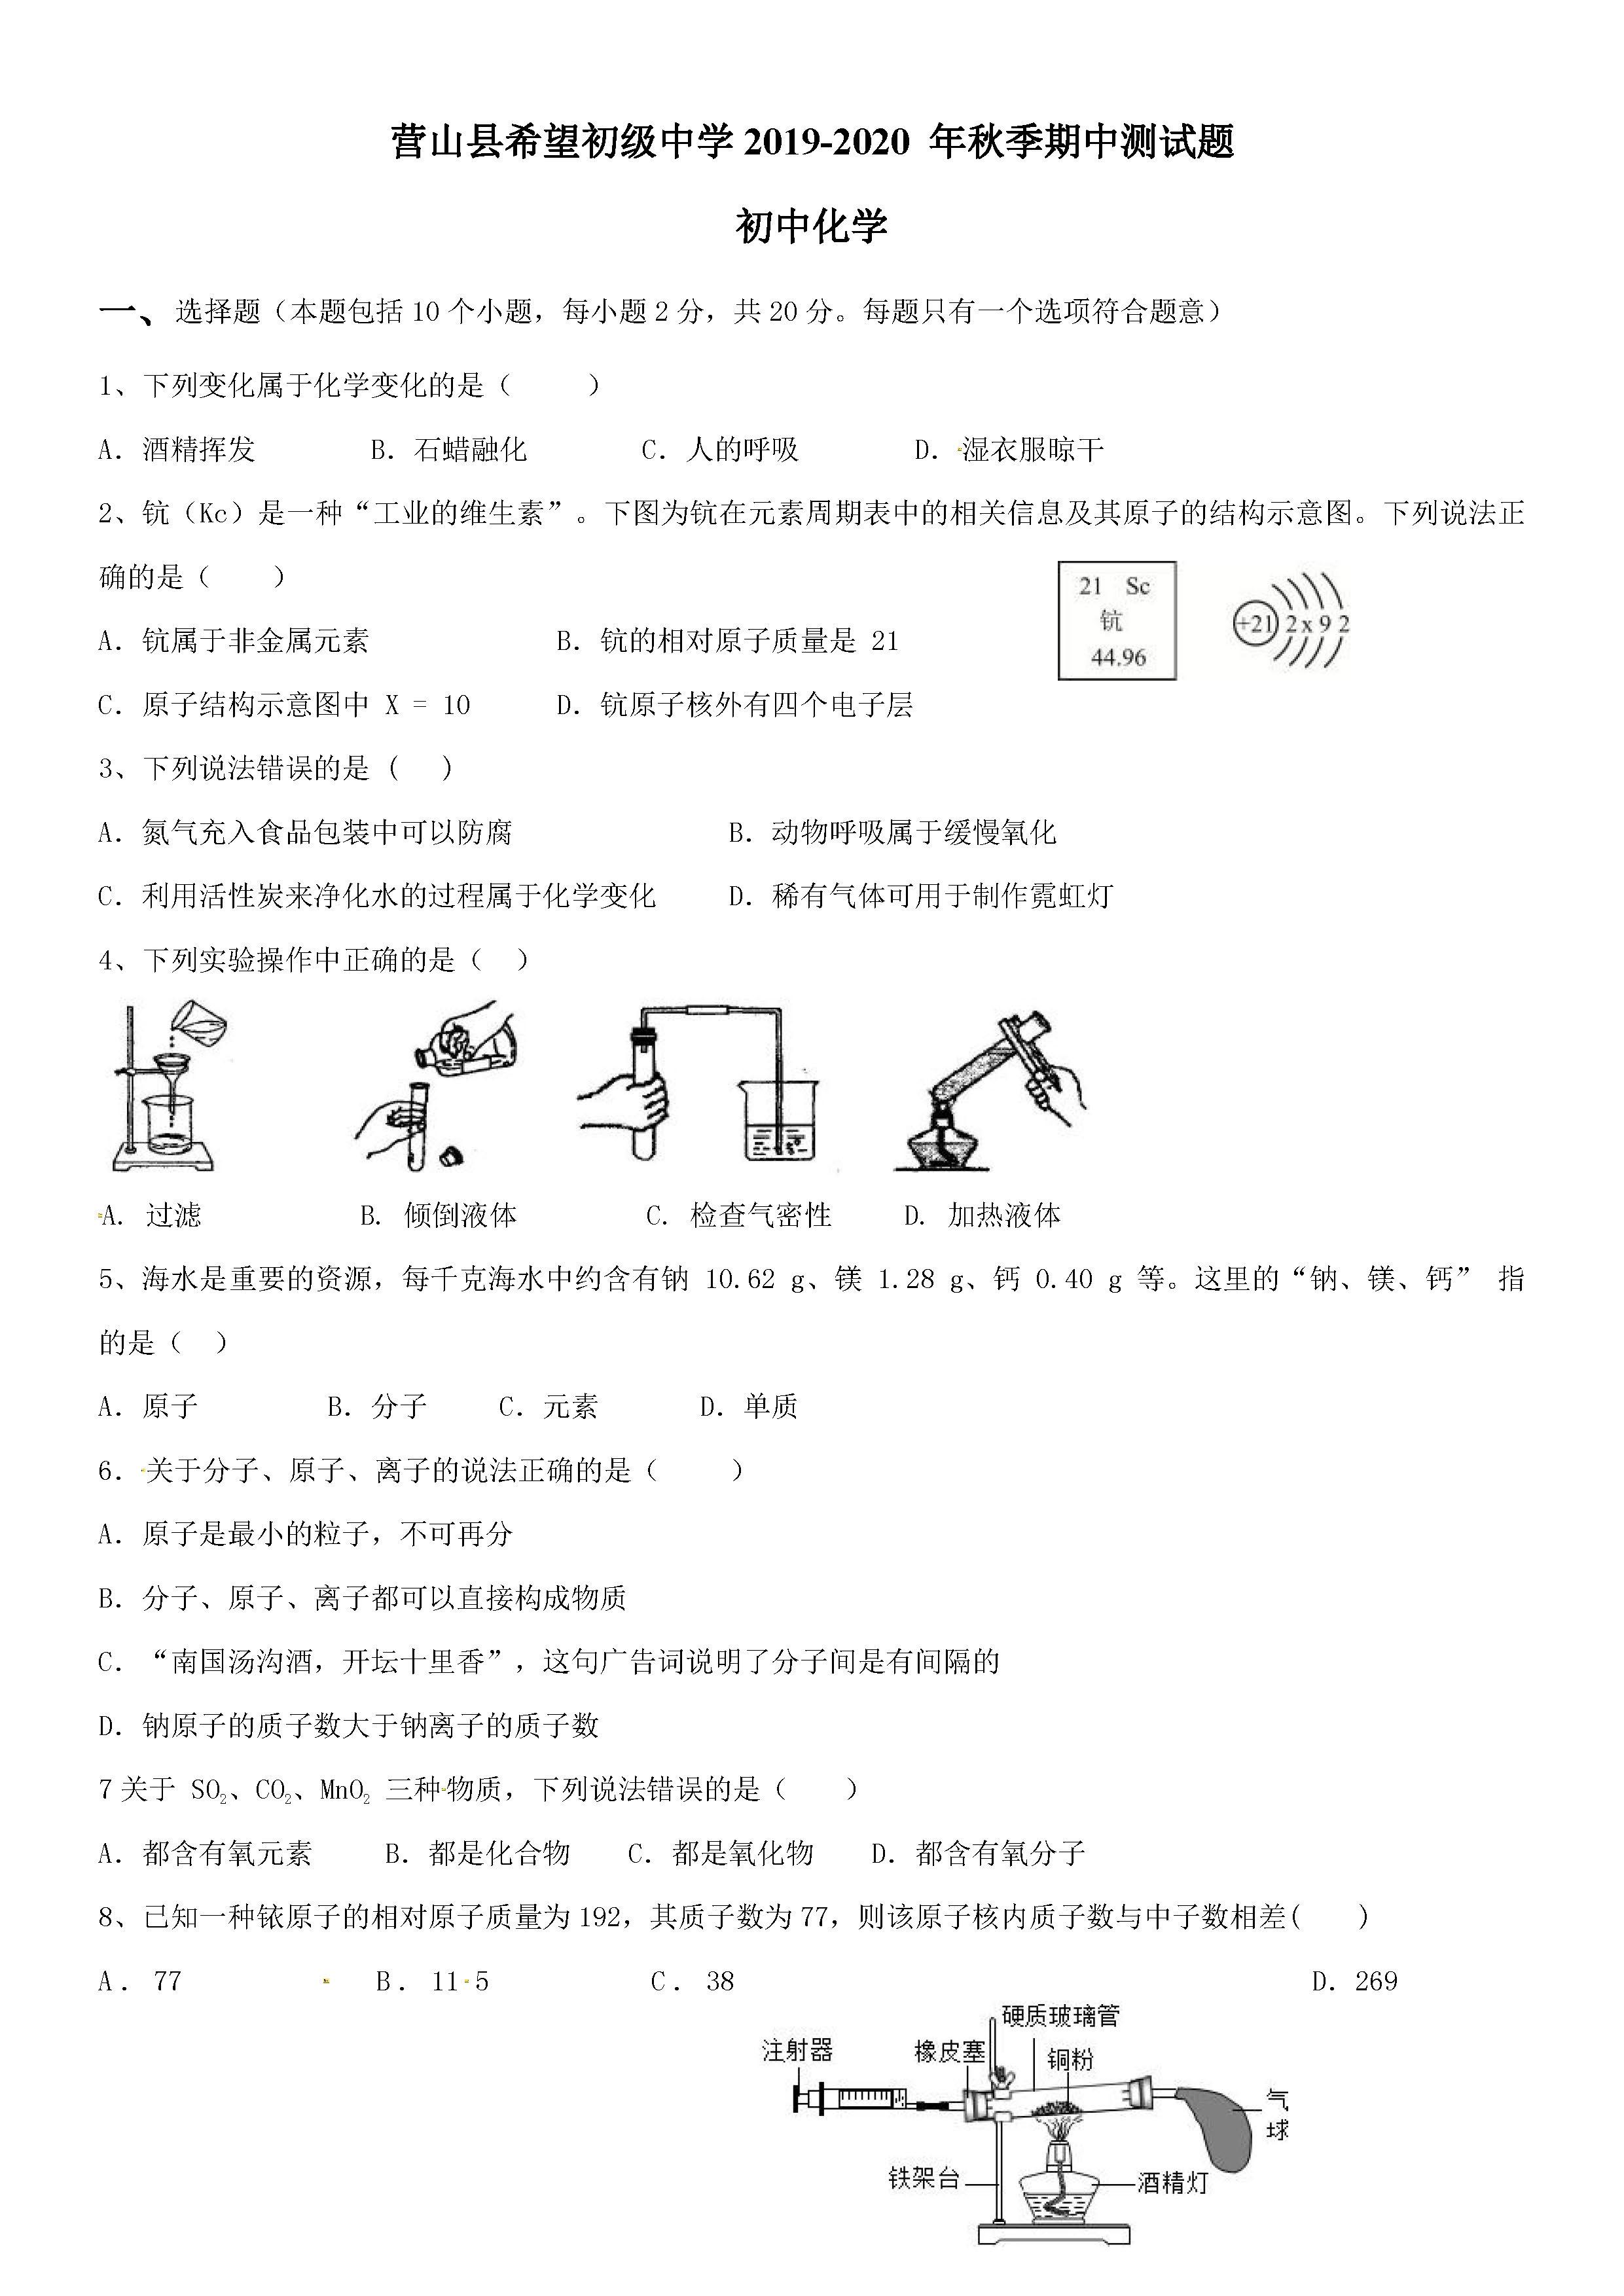 2019-2020四川营山县希望中学校初三期中化学模拟试题及答案(PDF下载版)